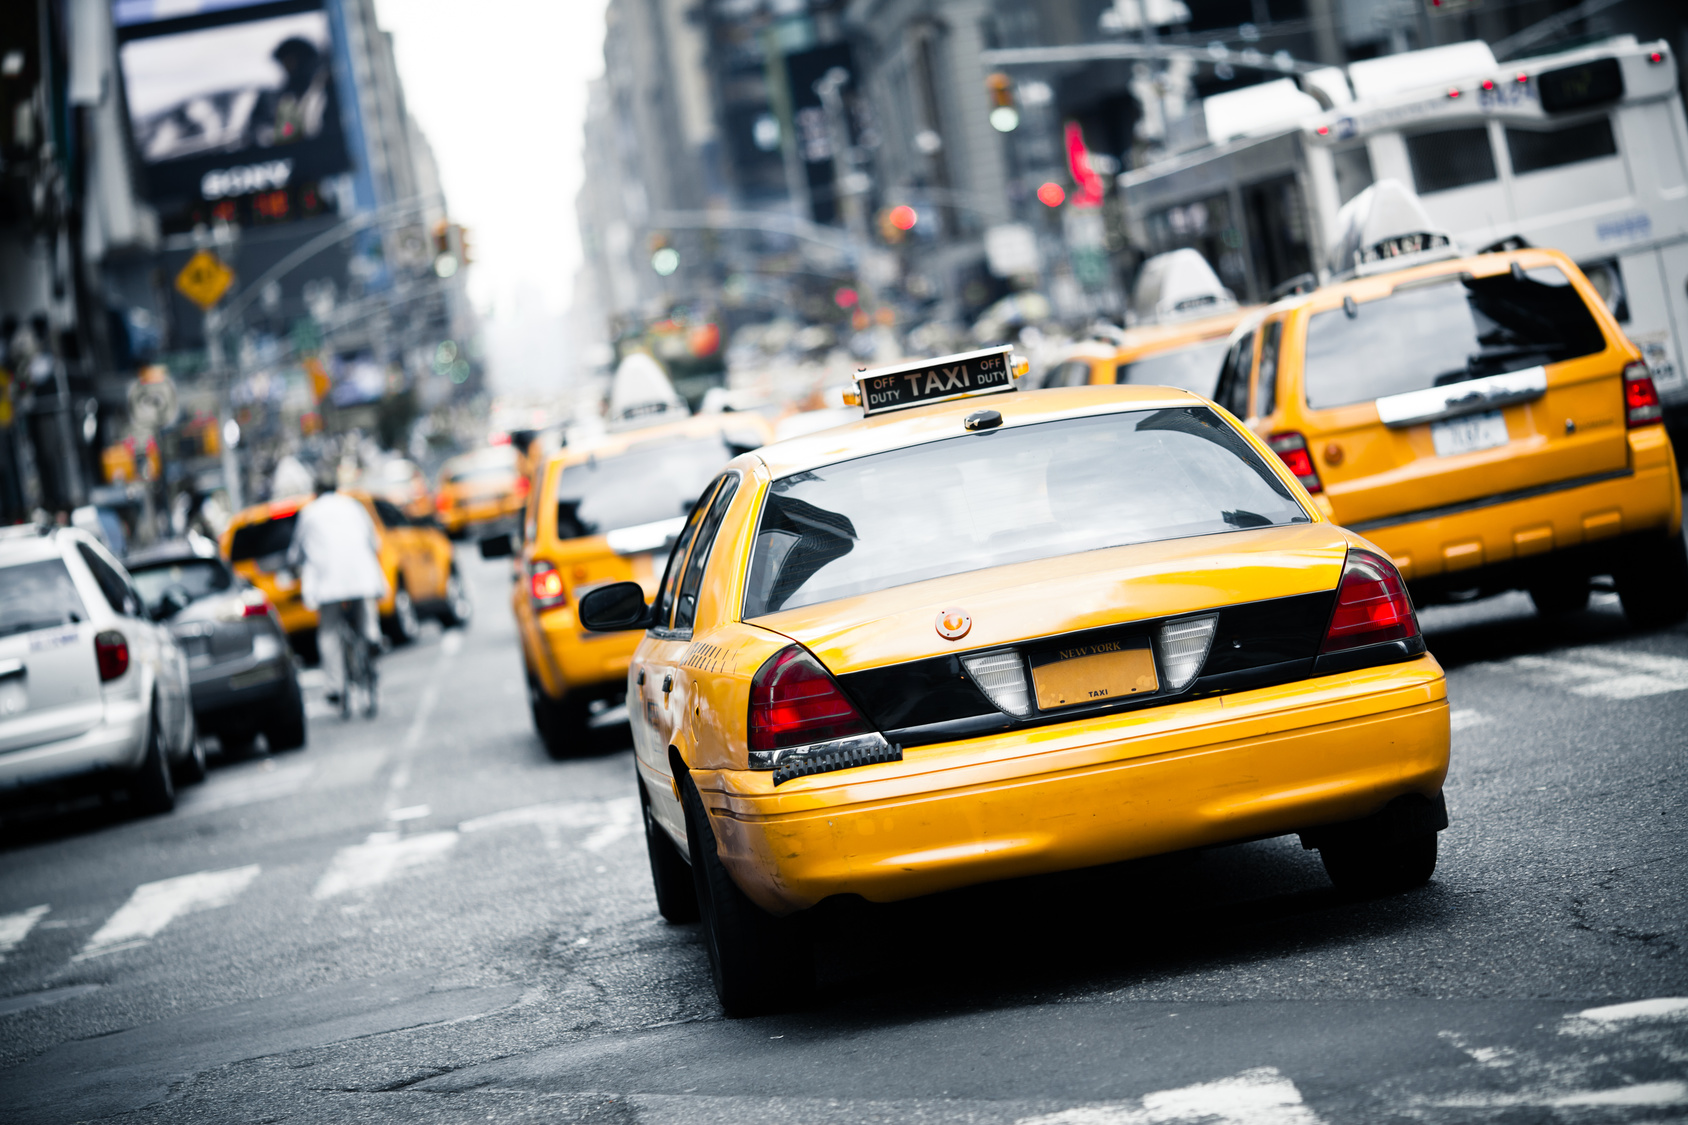 Hat diese 23-Jährige einen Taxifahrer vergewaltigt